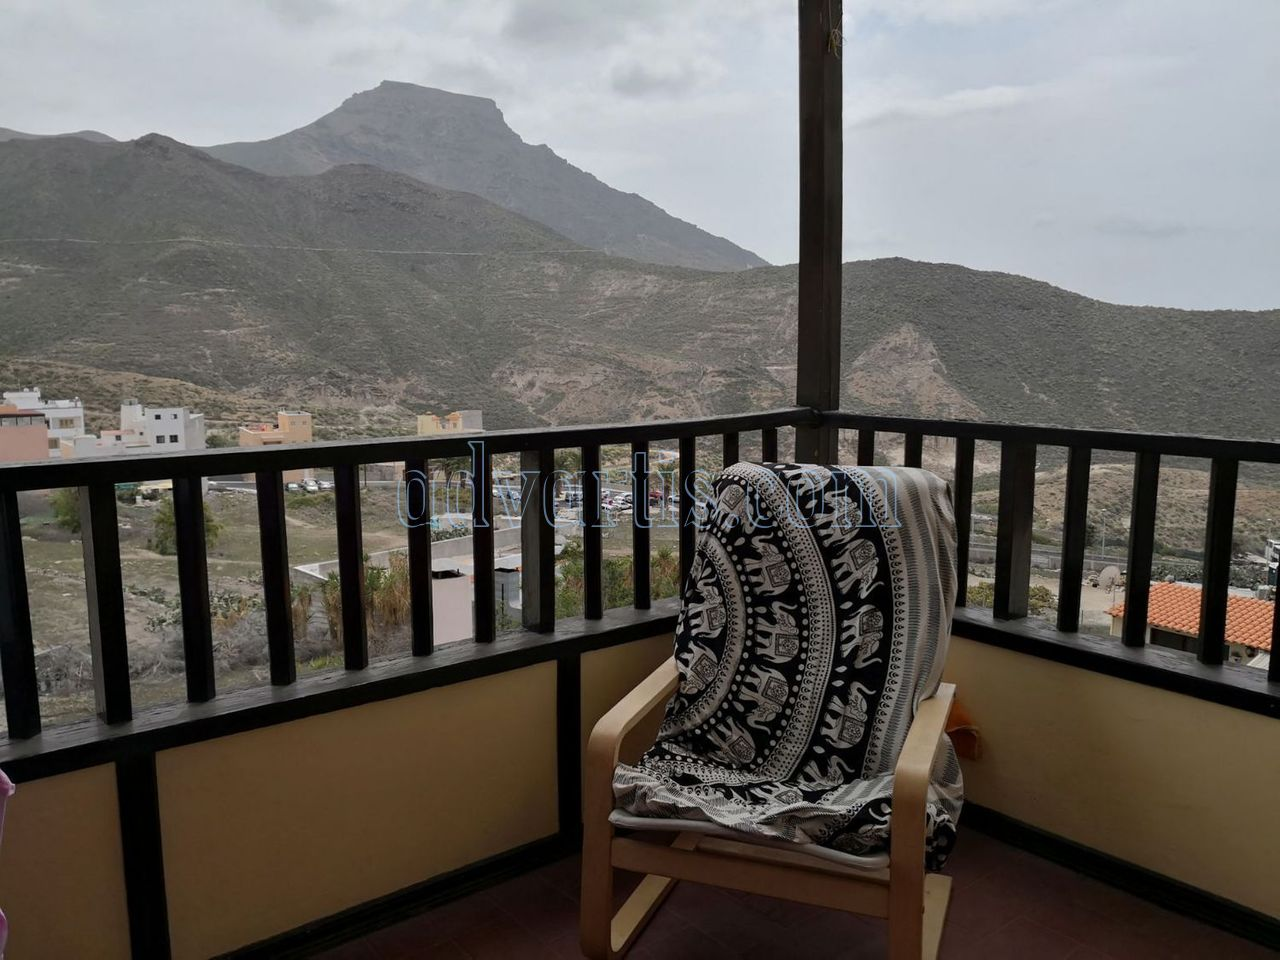 2 bedroom apartment for sale in Adeje, Tenerife €120.000